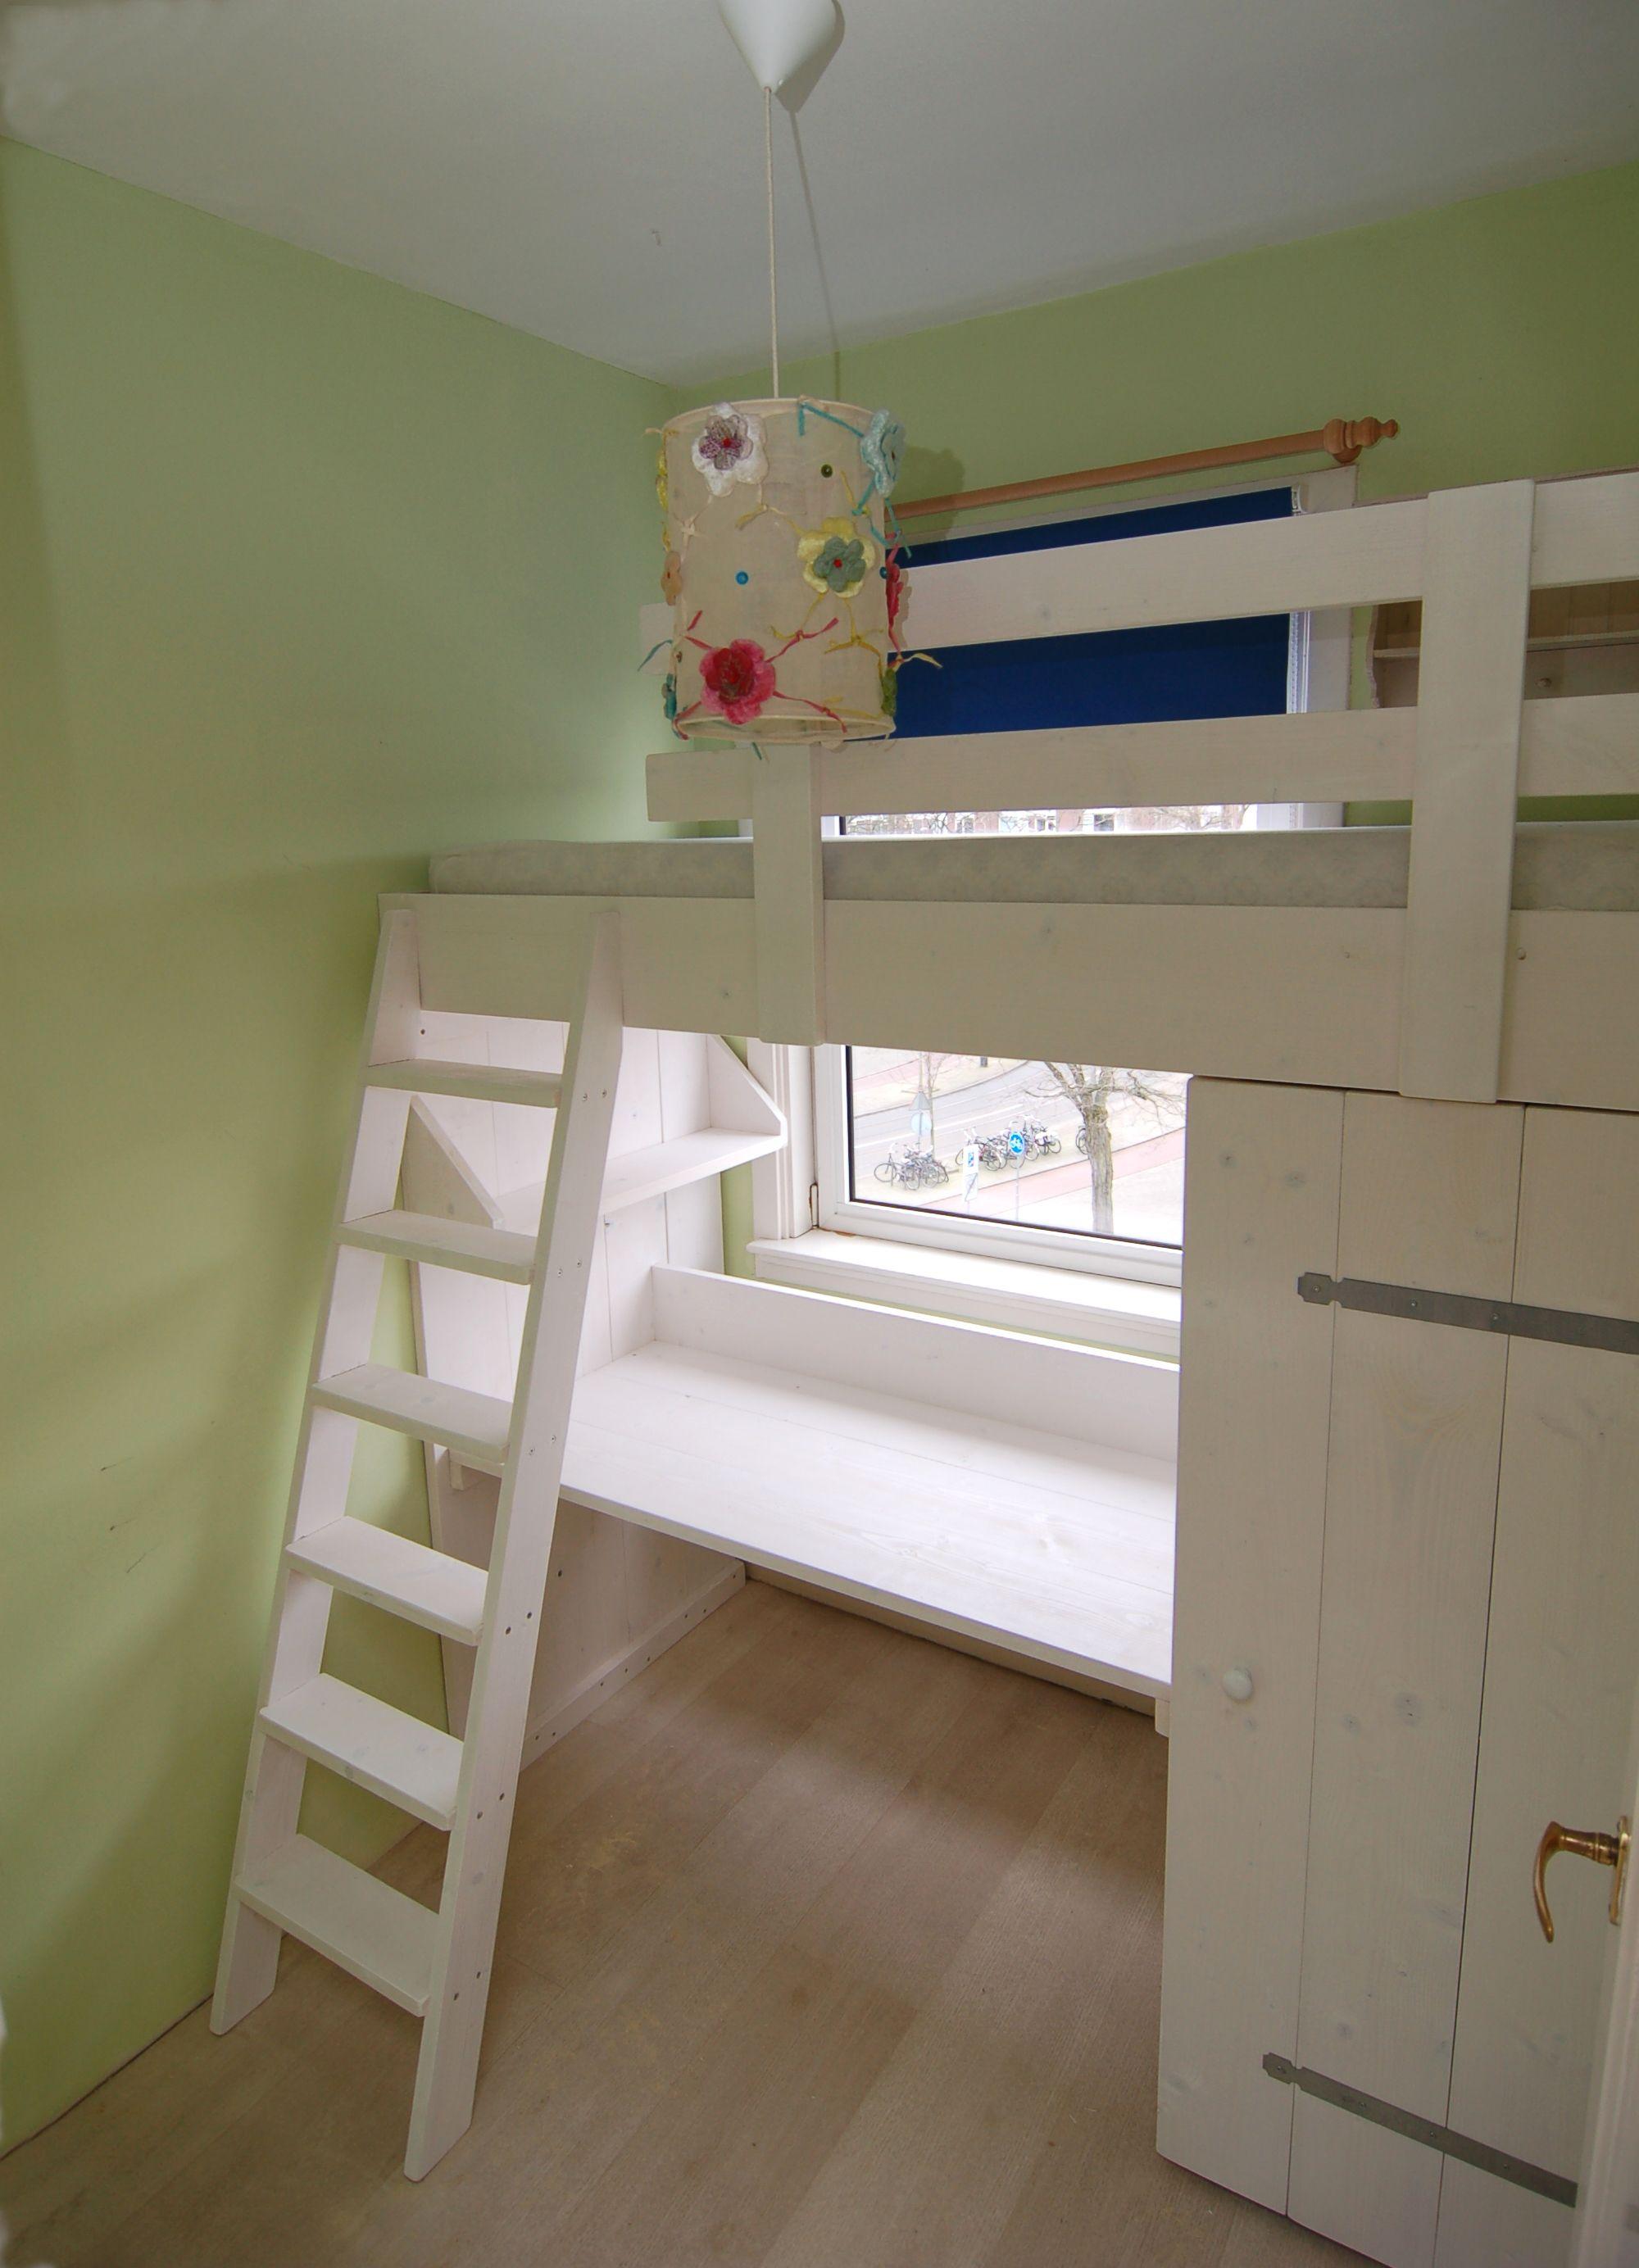 Ook voor een kamer van nog geen 2x2m kan een mooie oplossing ontwerpen en maken - Deco d een volwassen kamer ...